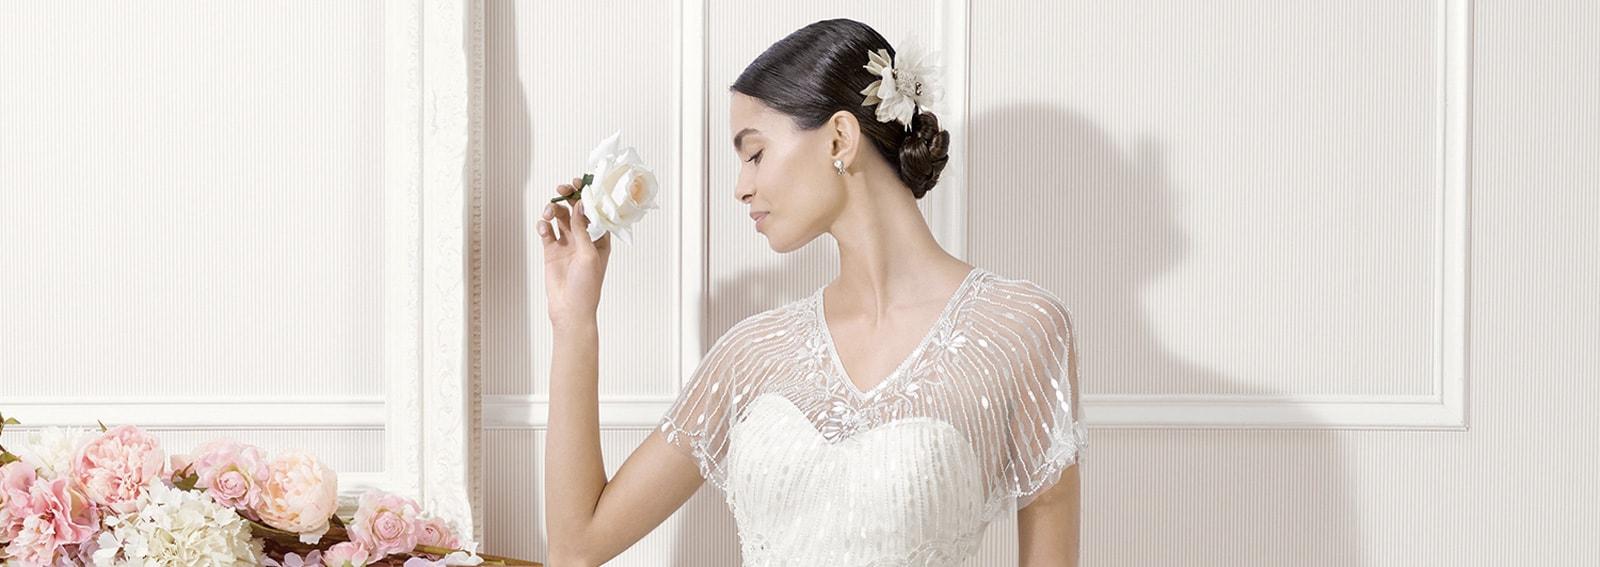 cover-abiti-da-sposa-almanovia-DESKTOP